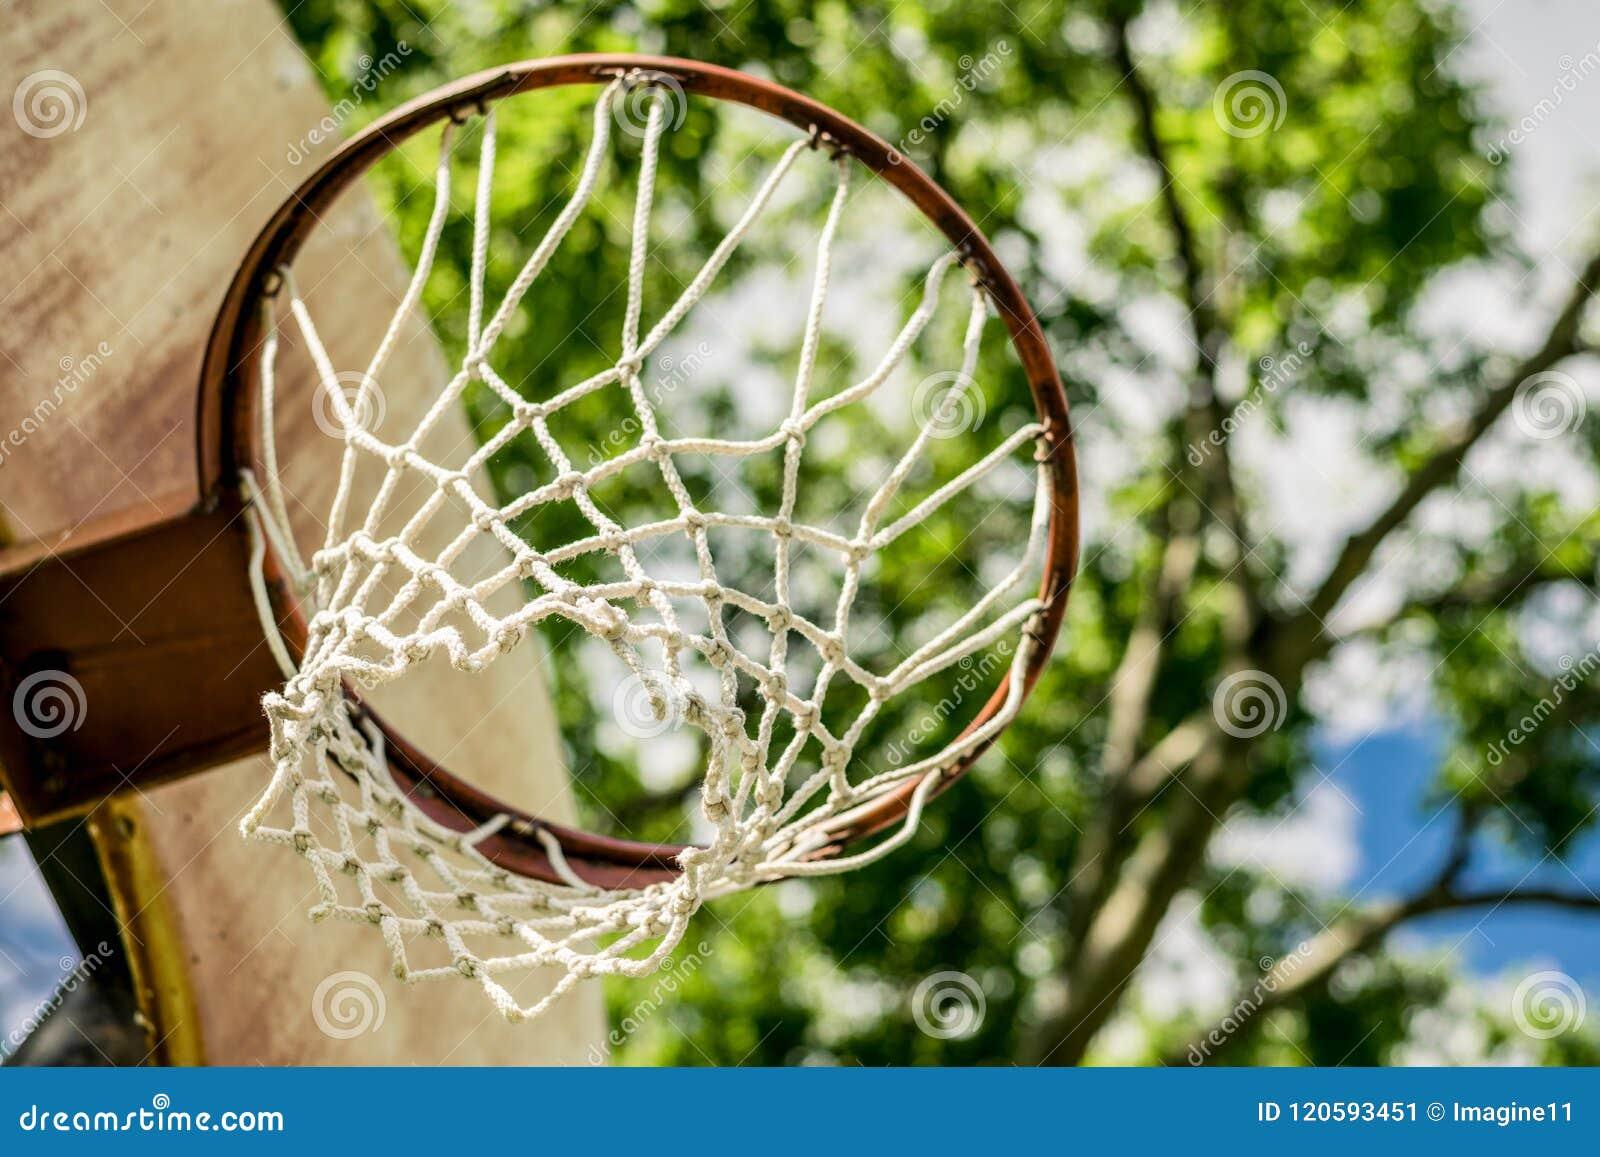 Gammalt basketbeslag mot en bakgrund av träd